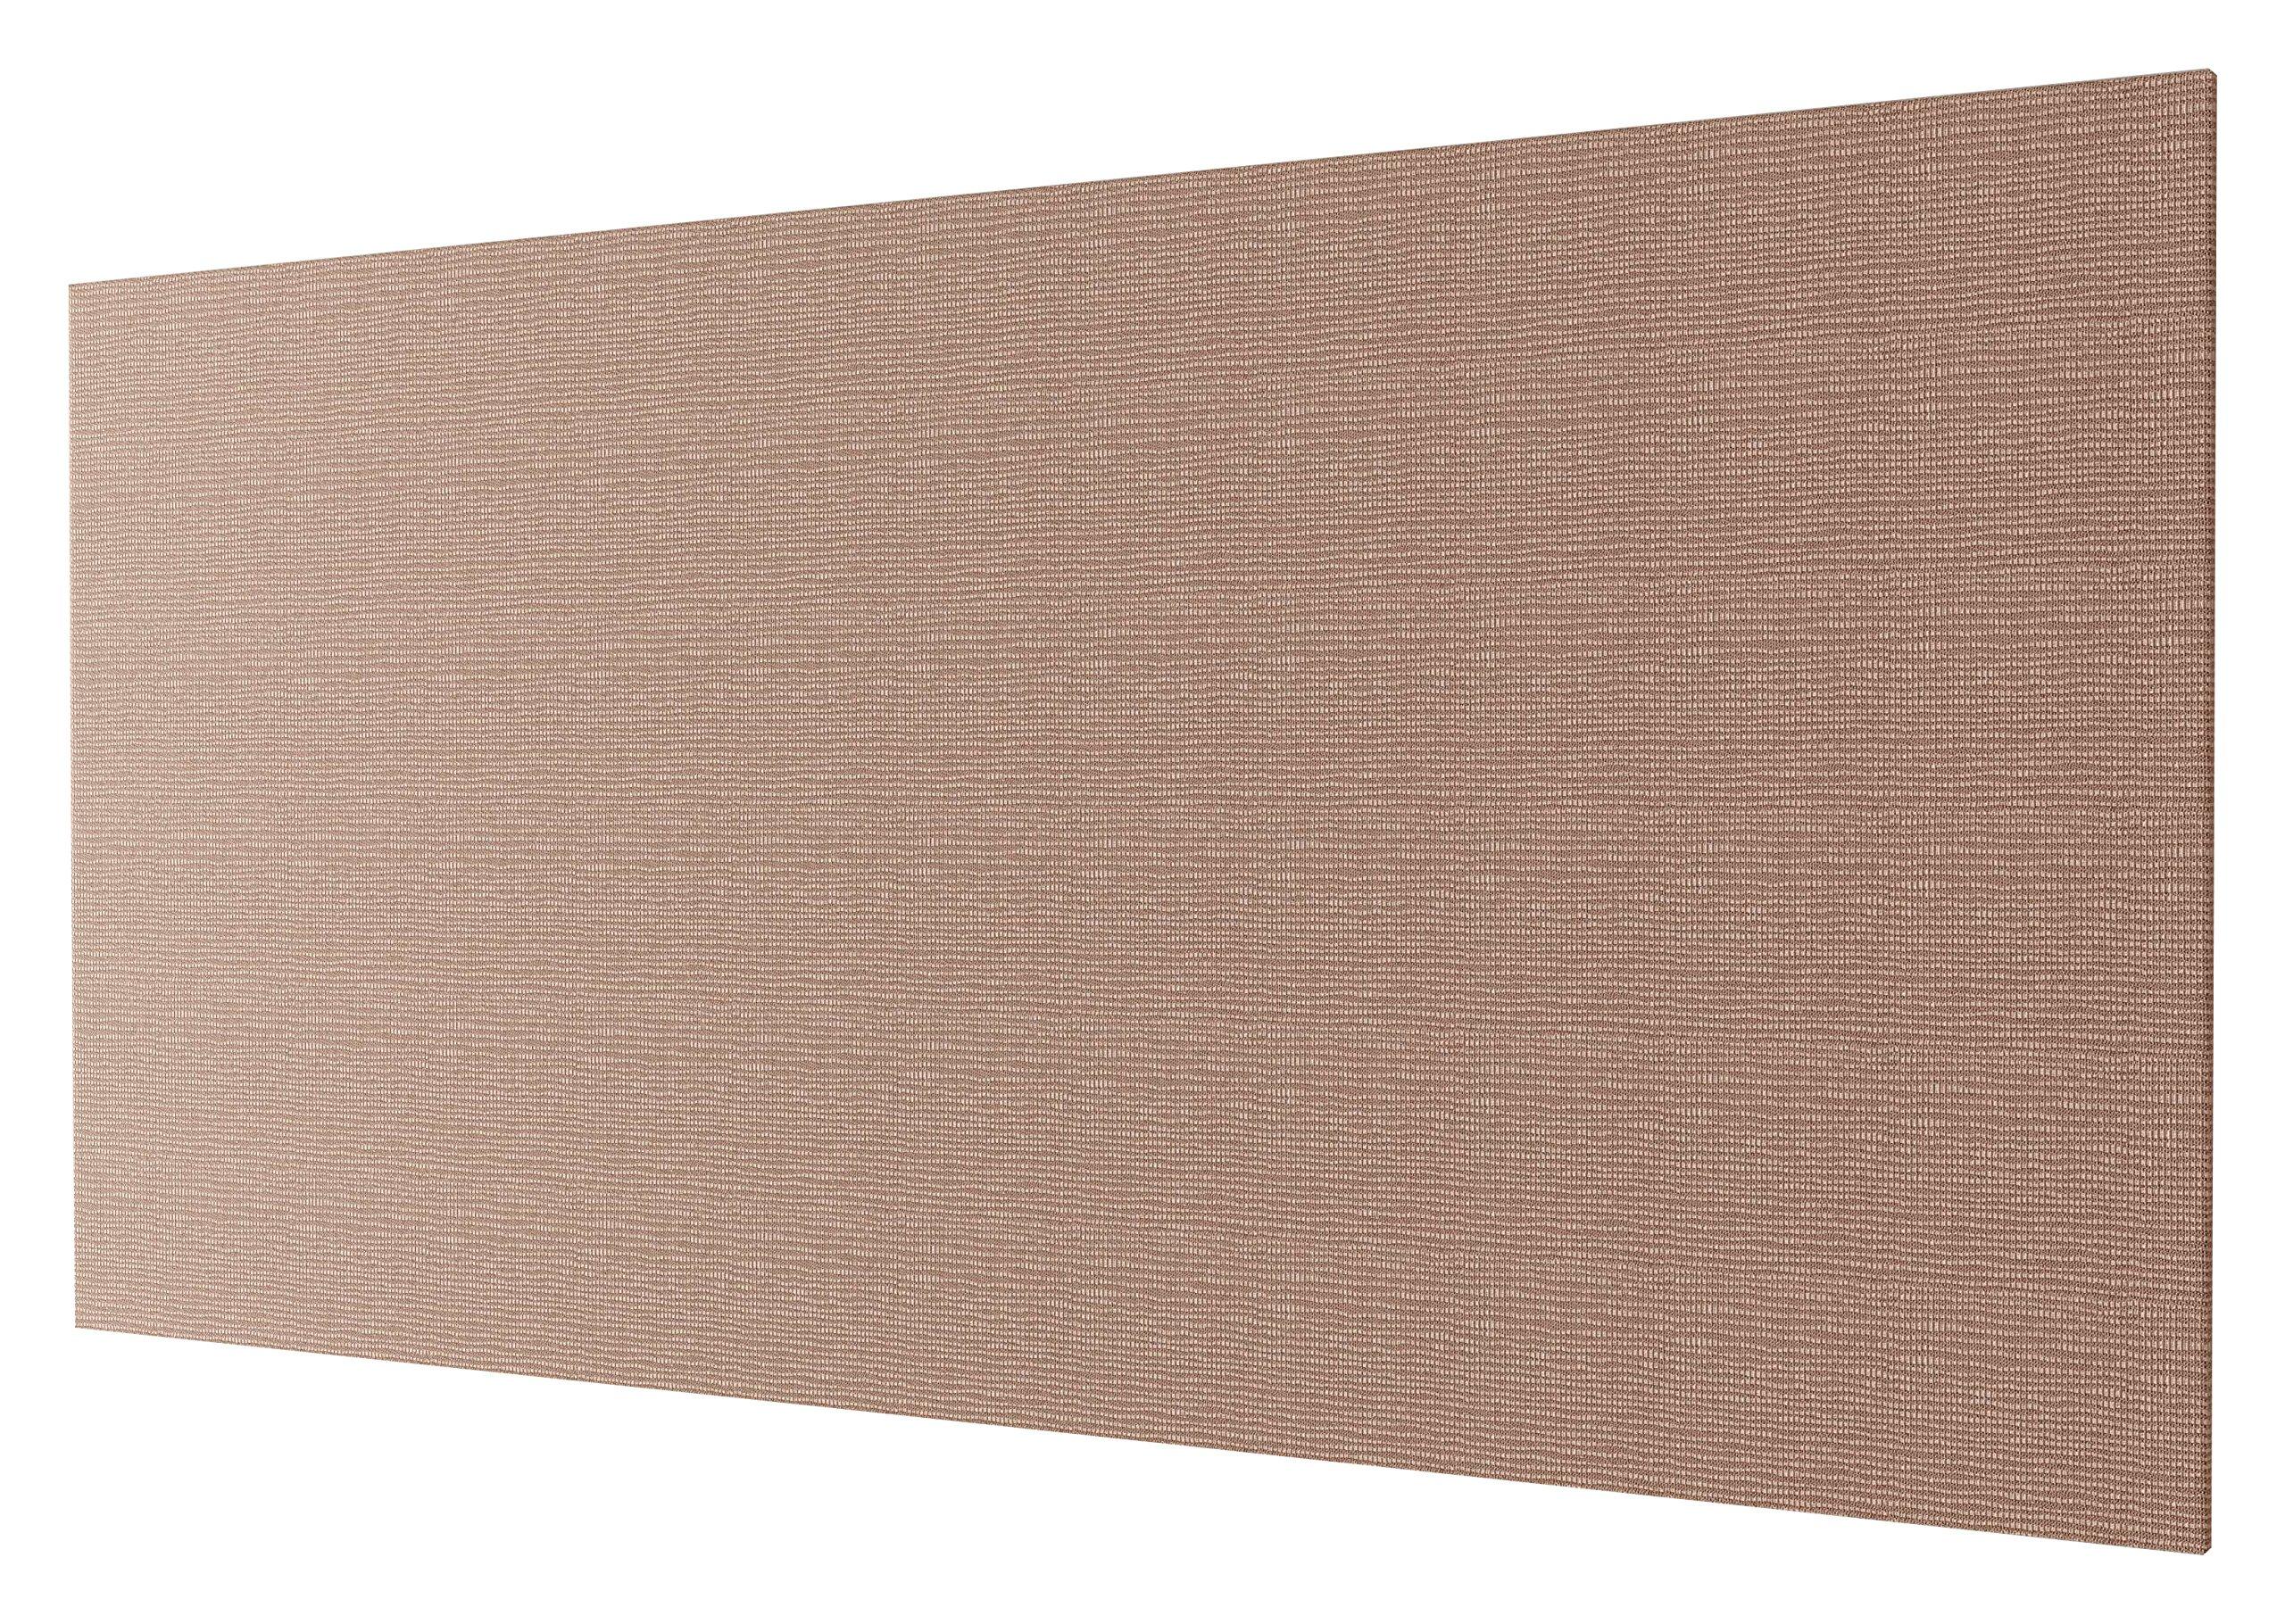 OBEX 30X60-TB-R-TE Rectangle Tackboard Contemporary Terra